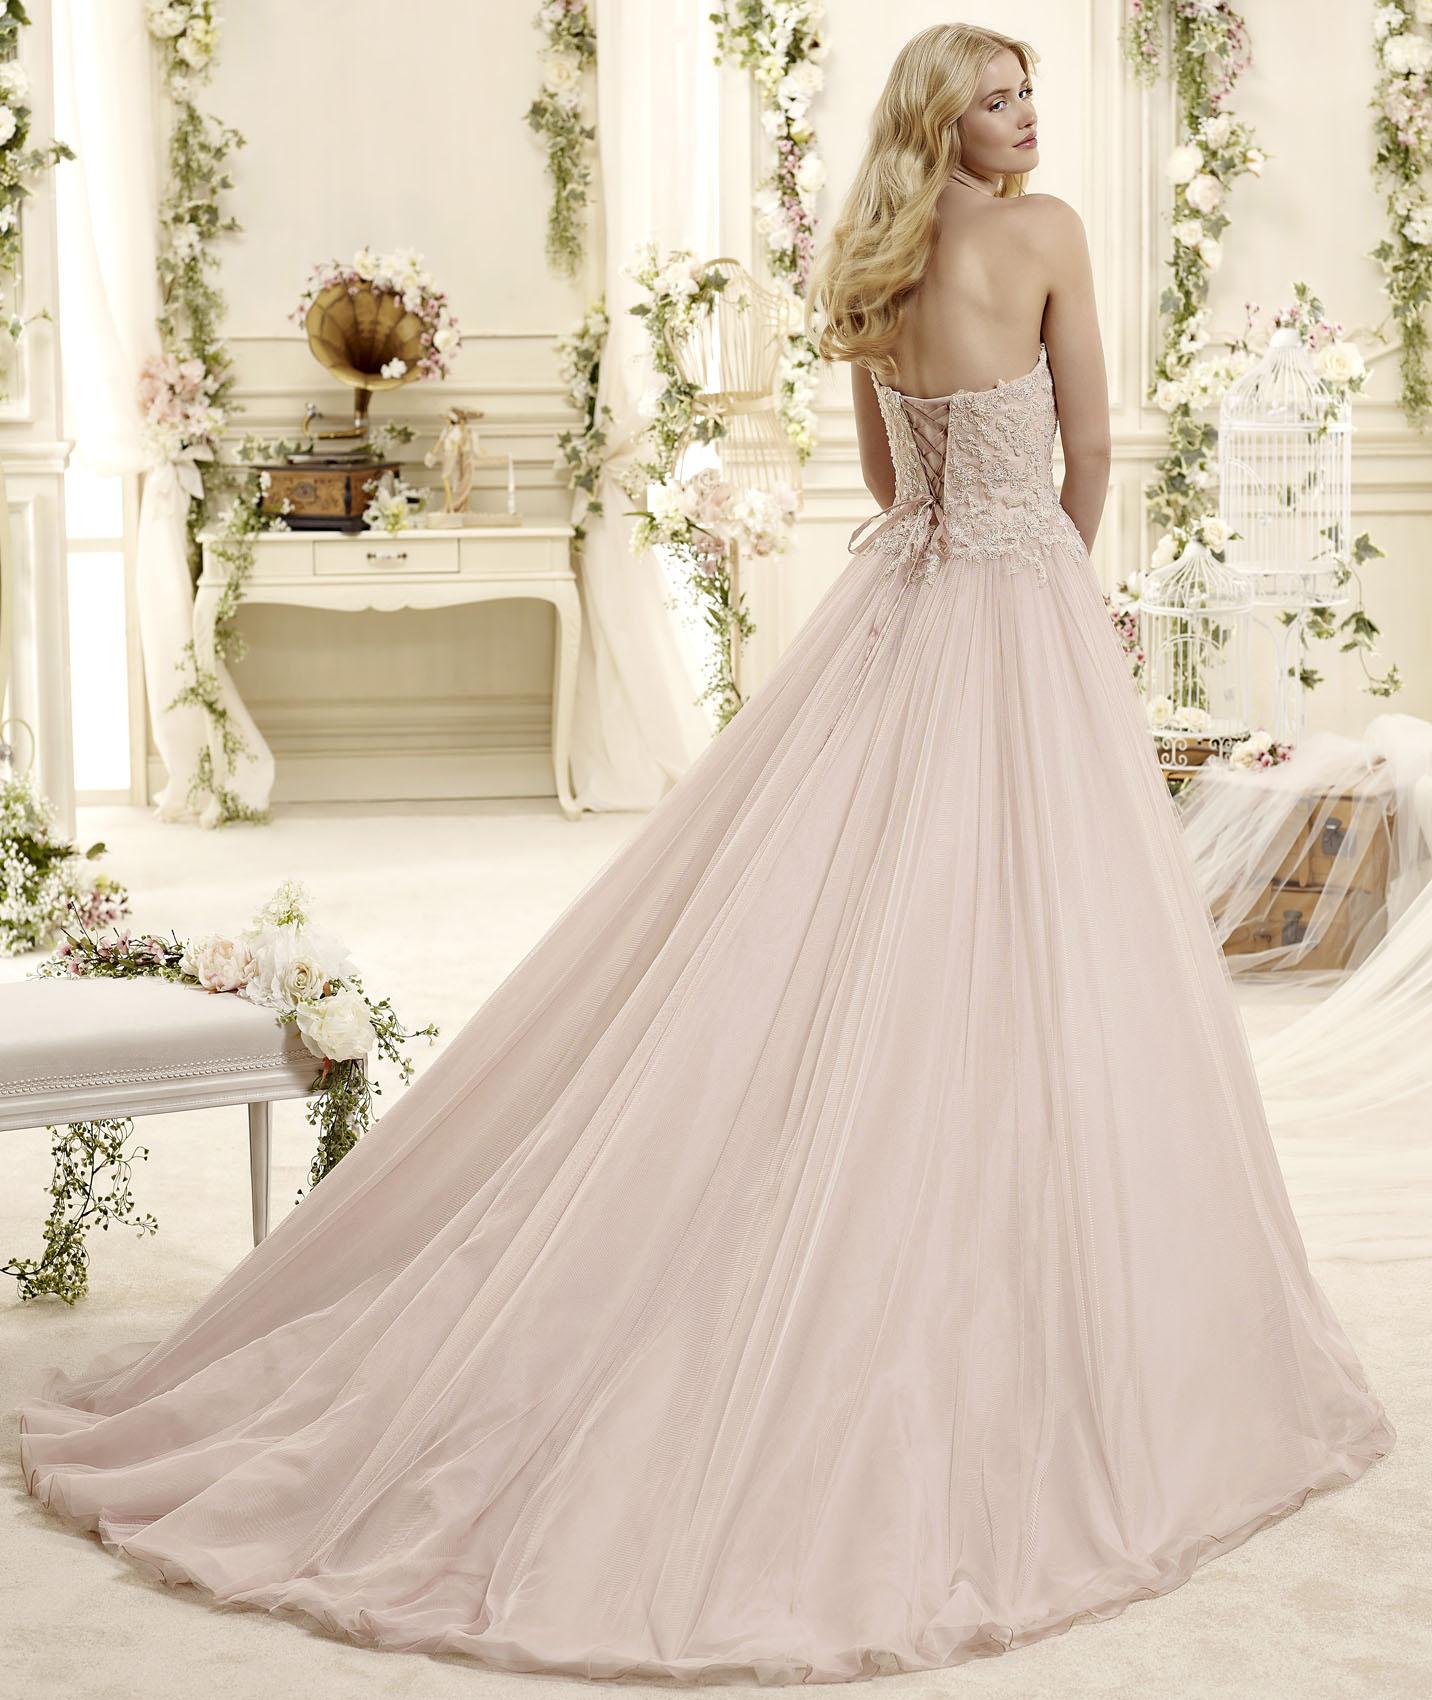 nicole spose italienische hochzeitskleider hochzeitskleid hochzeitskleider brautkleid. Black Bedroom Furniture Sets. Home Design Ideas